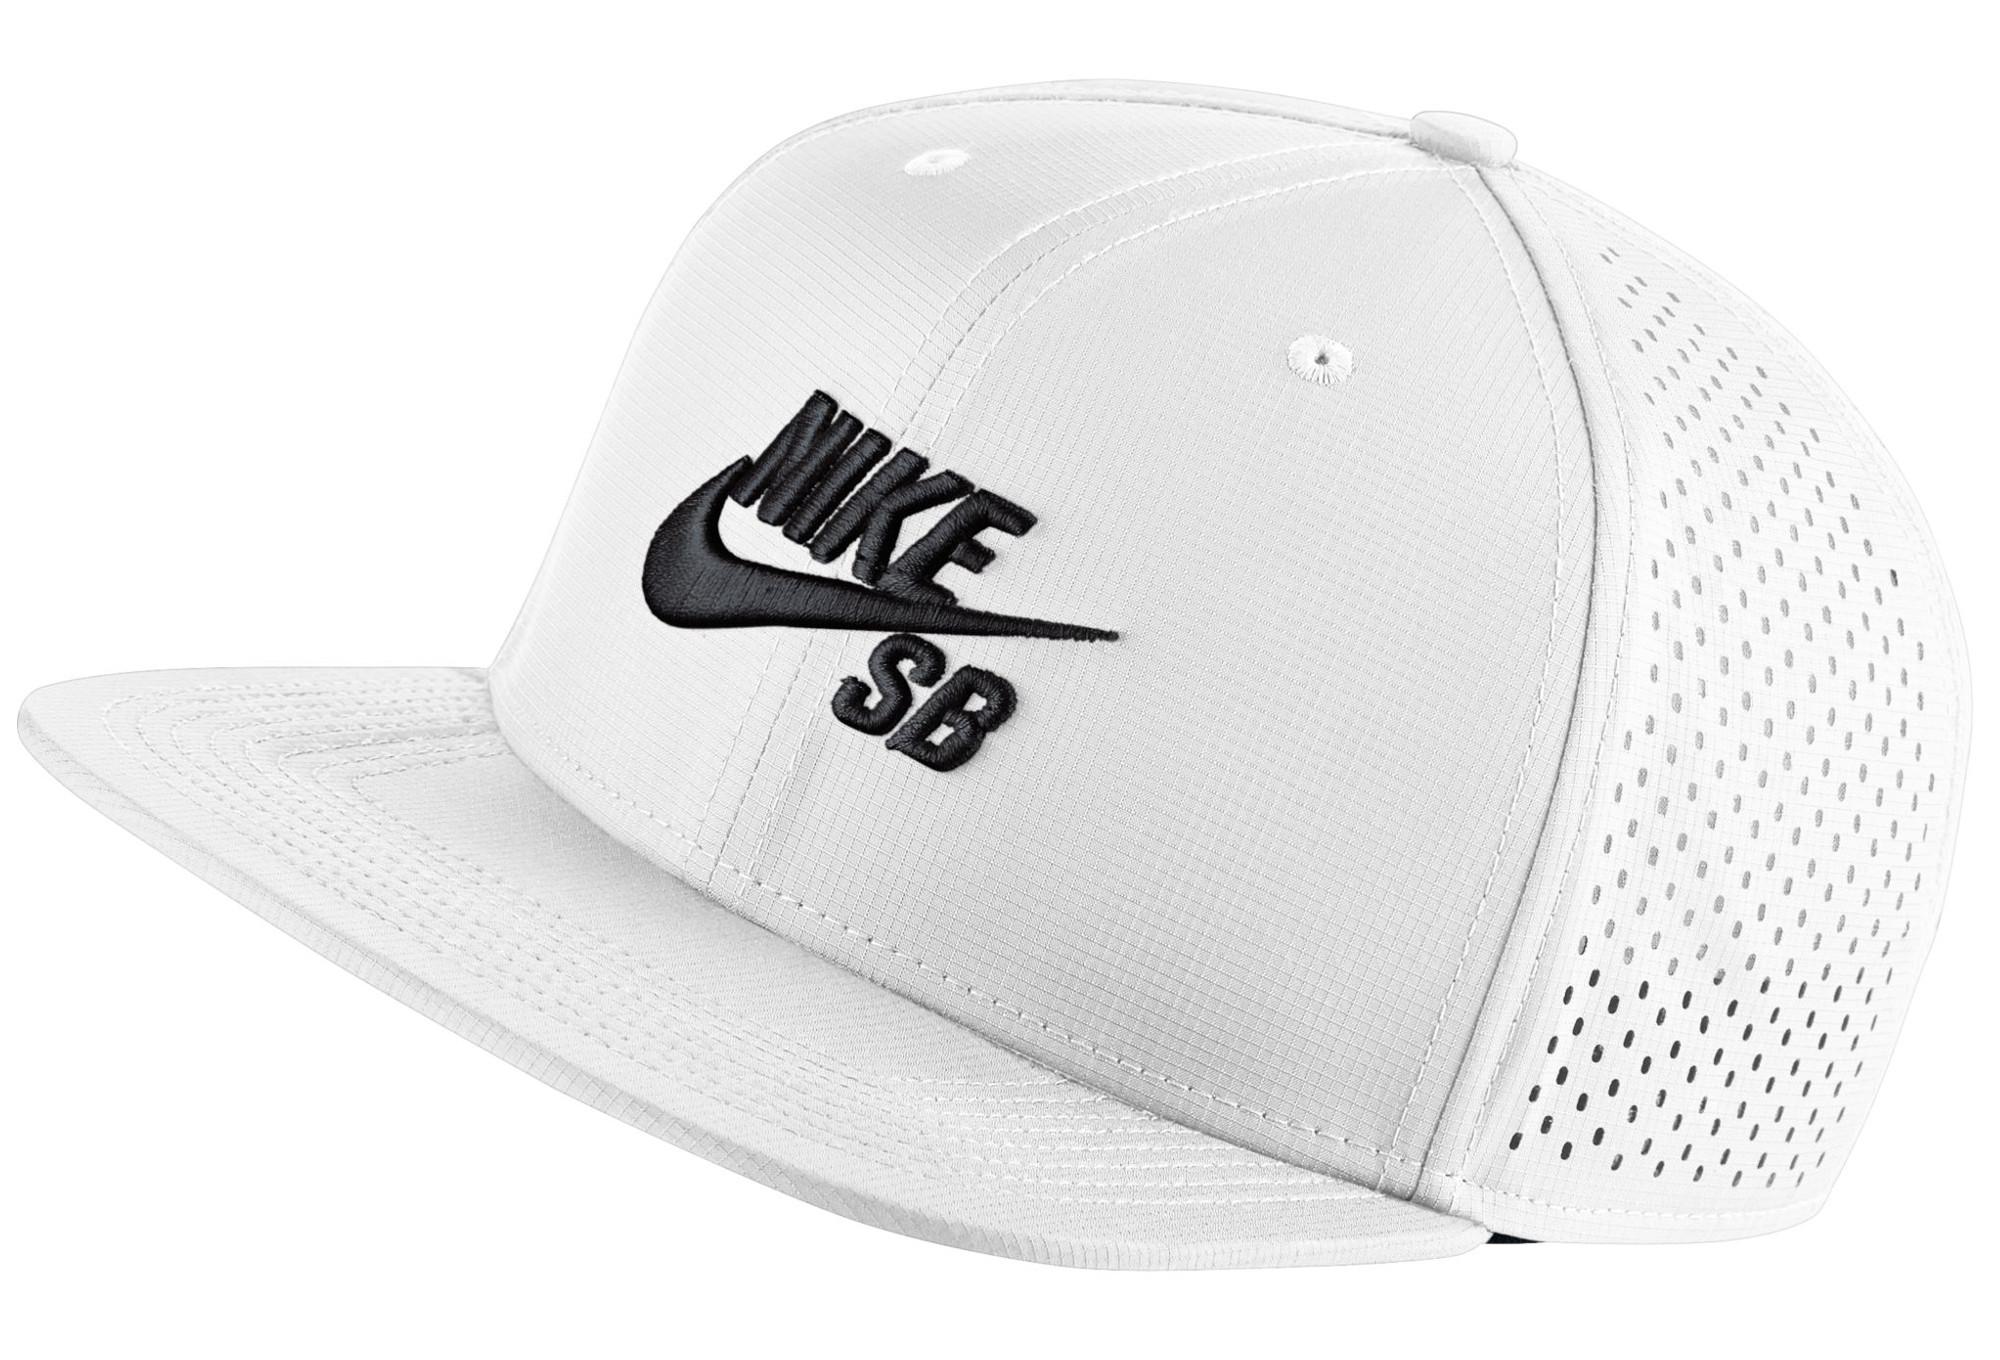 3feb4c15063 Nike SB Aerobill Hat White   Black